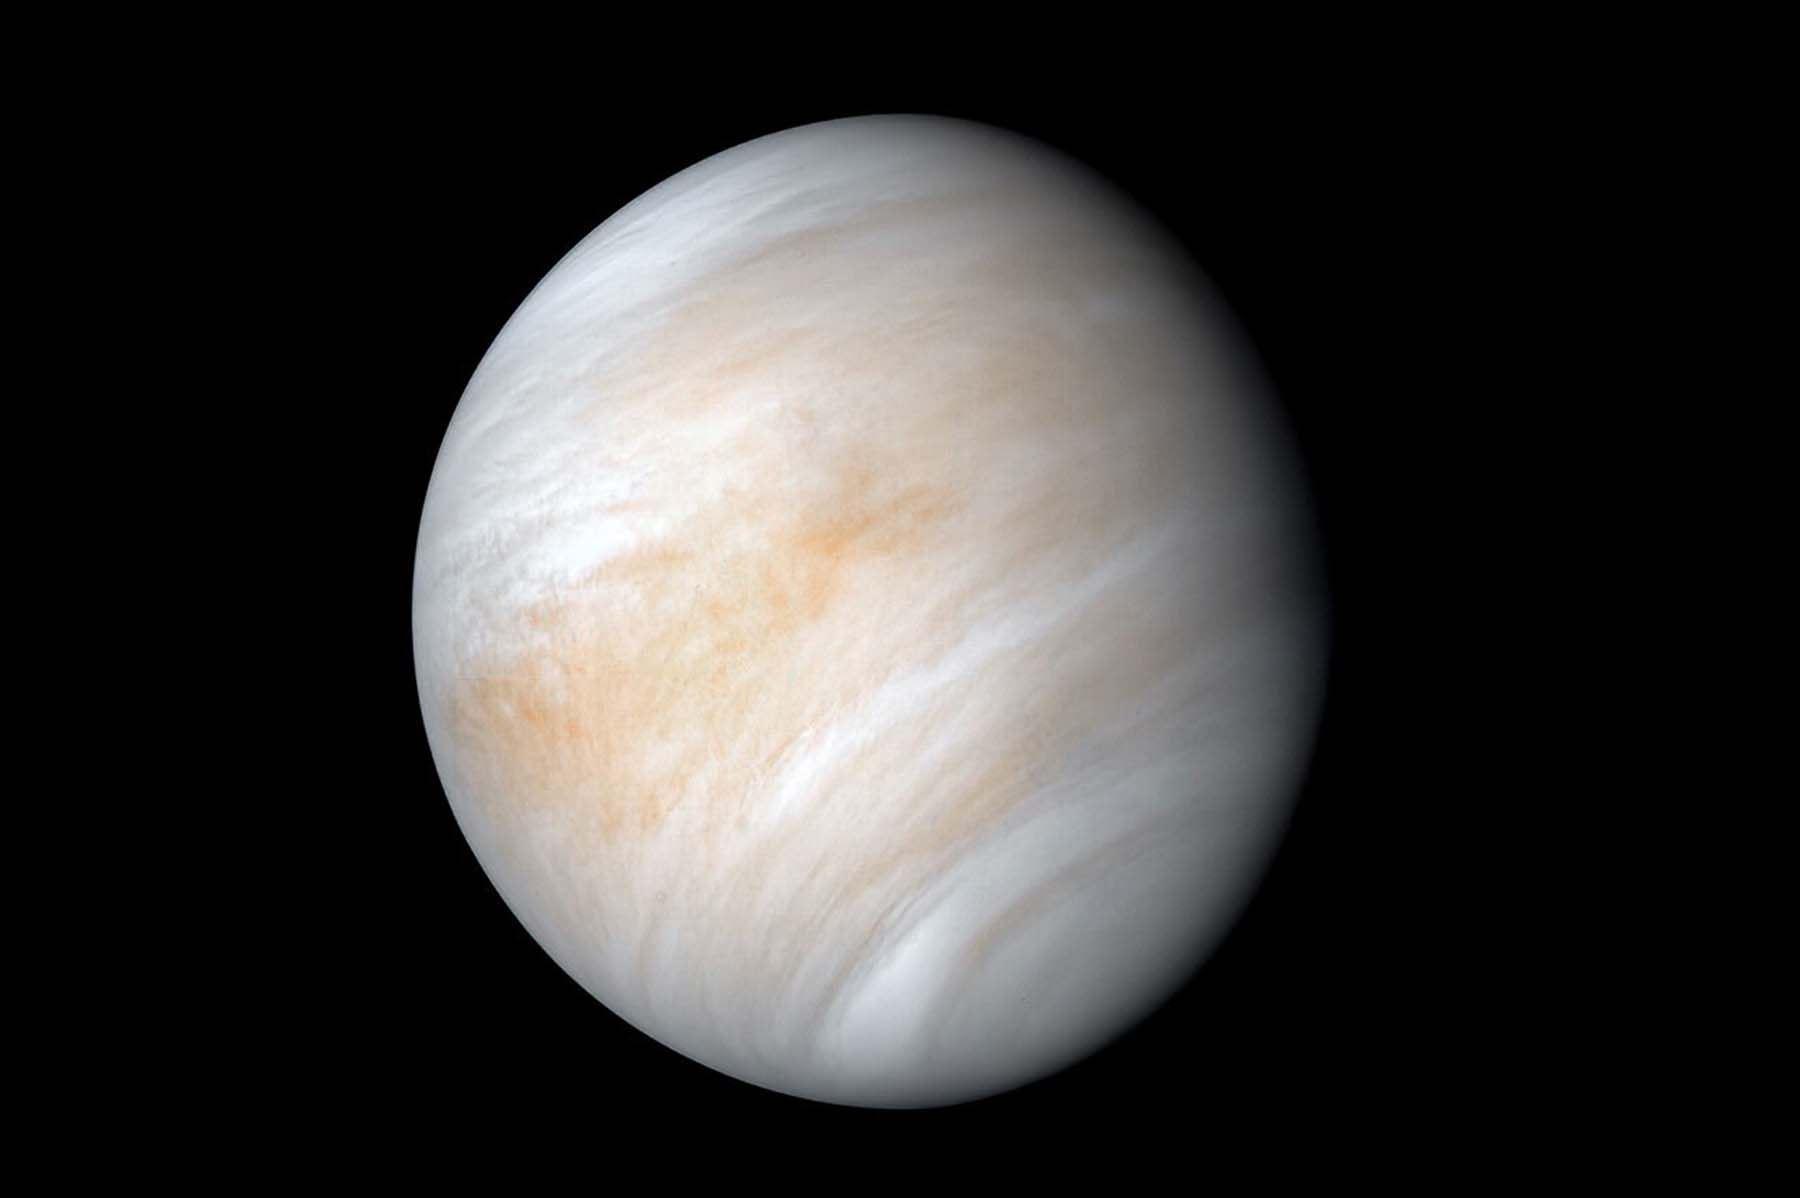 La investigación se basó en observaciones con el telescopio ALMA (Atacama Large Millimiter/submillimeter Array). Foto: NASA